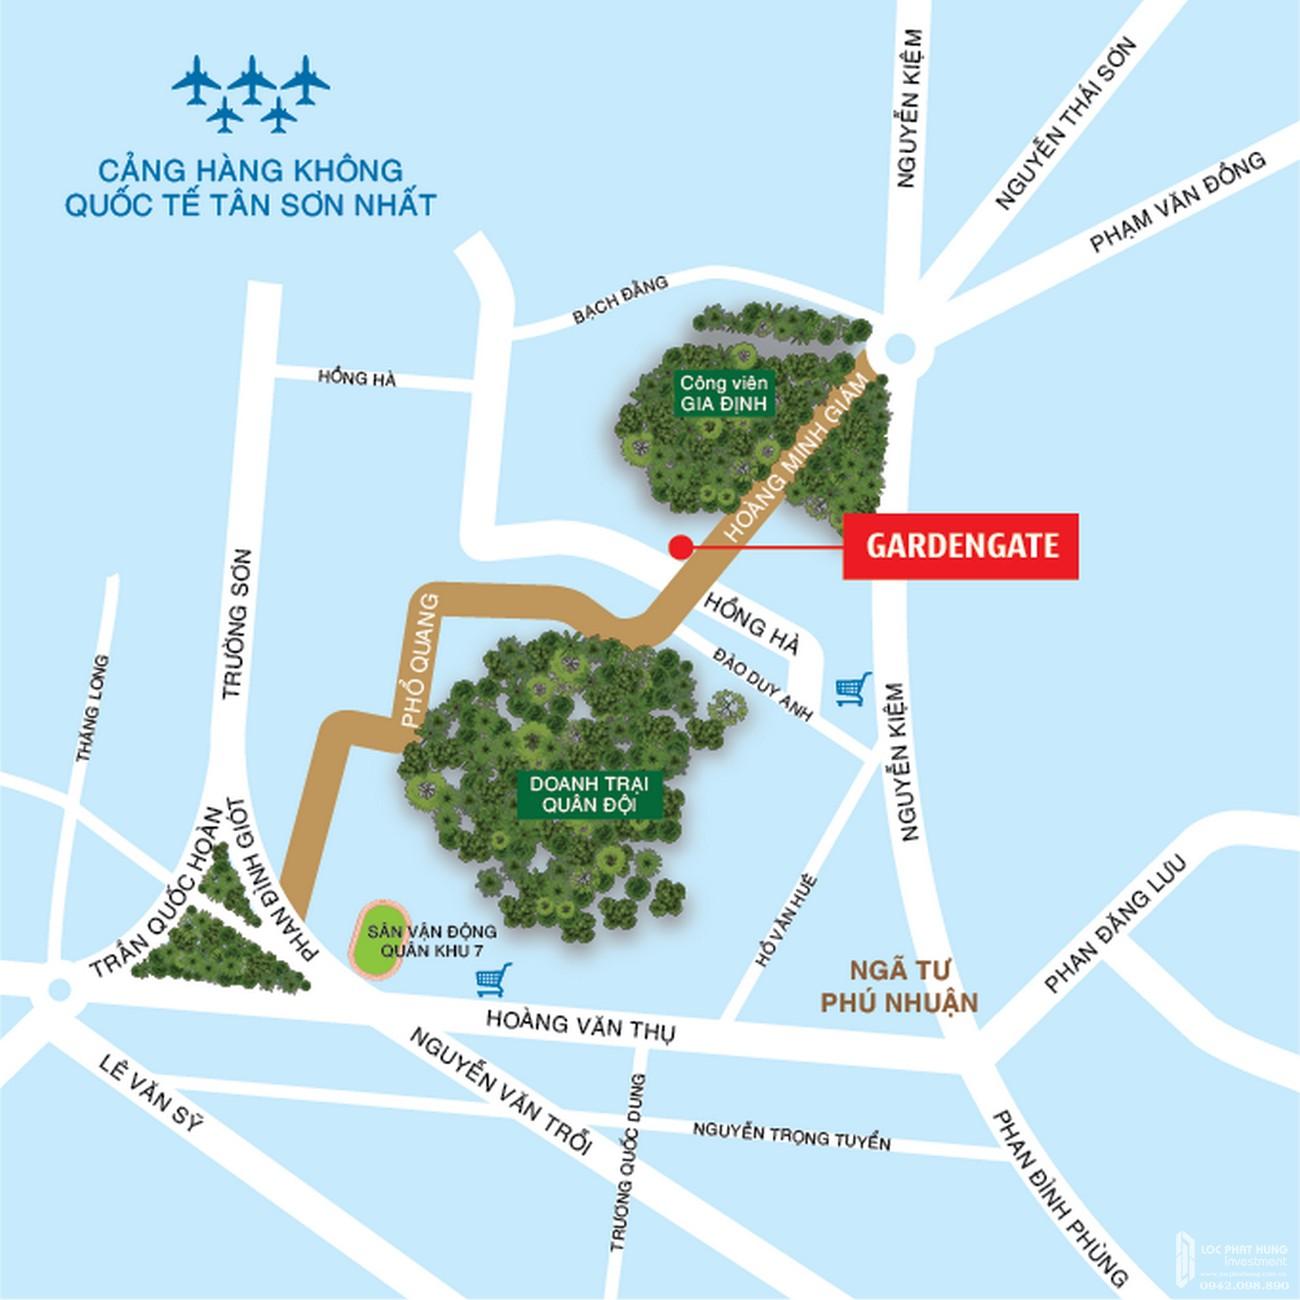 Vị trí dự án căn hộ chung cư Garden Gate Phú Nhuận Đường Hoàng Minh Giám chủ đầu tư Novaland